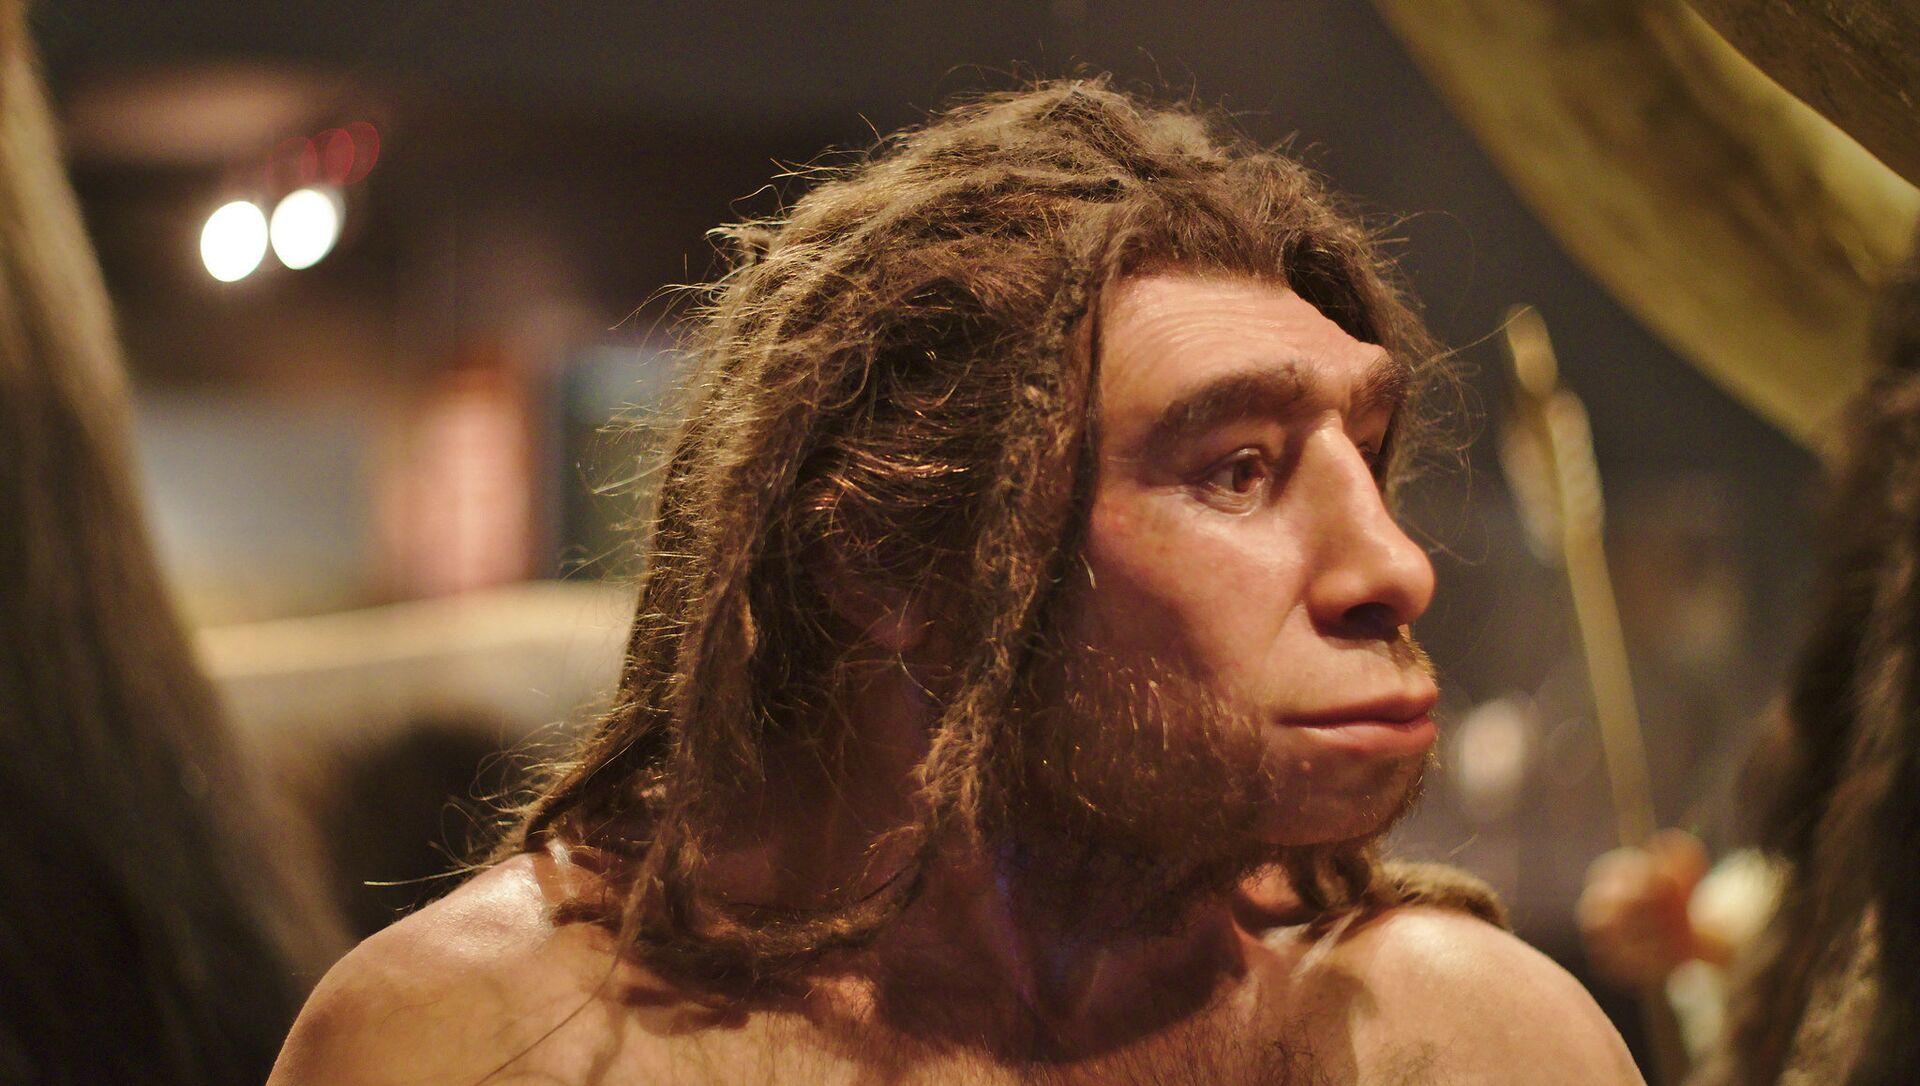 Un homo neanderthalensis en el museo de Munster (Alemania) - Sputnik Mundo, 1920, 25.04.2020